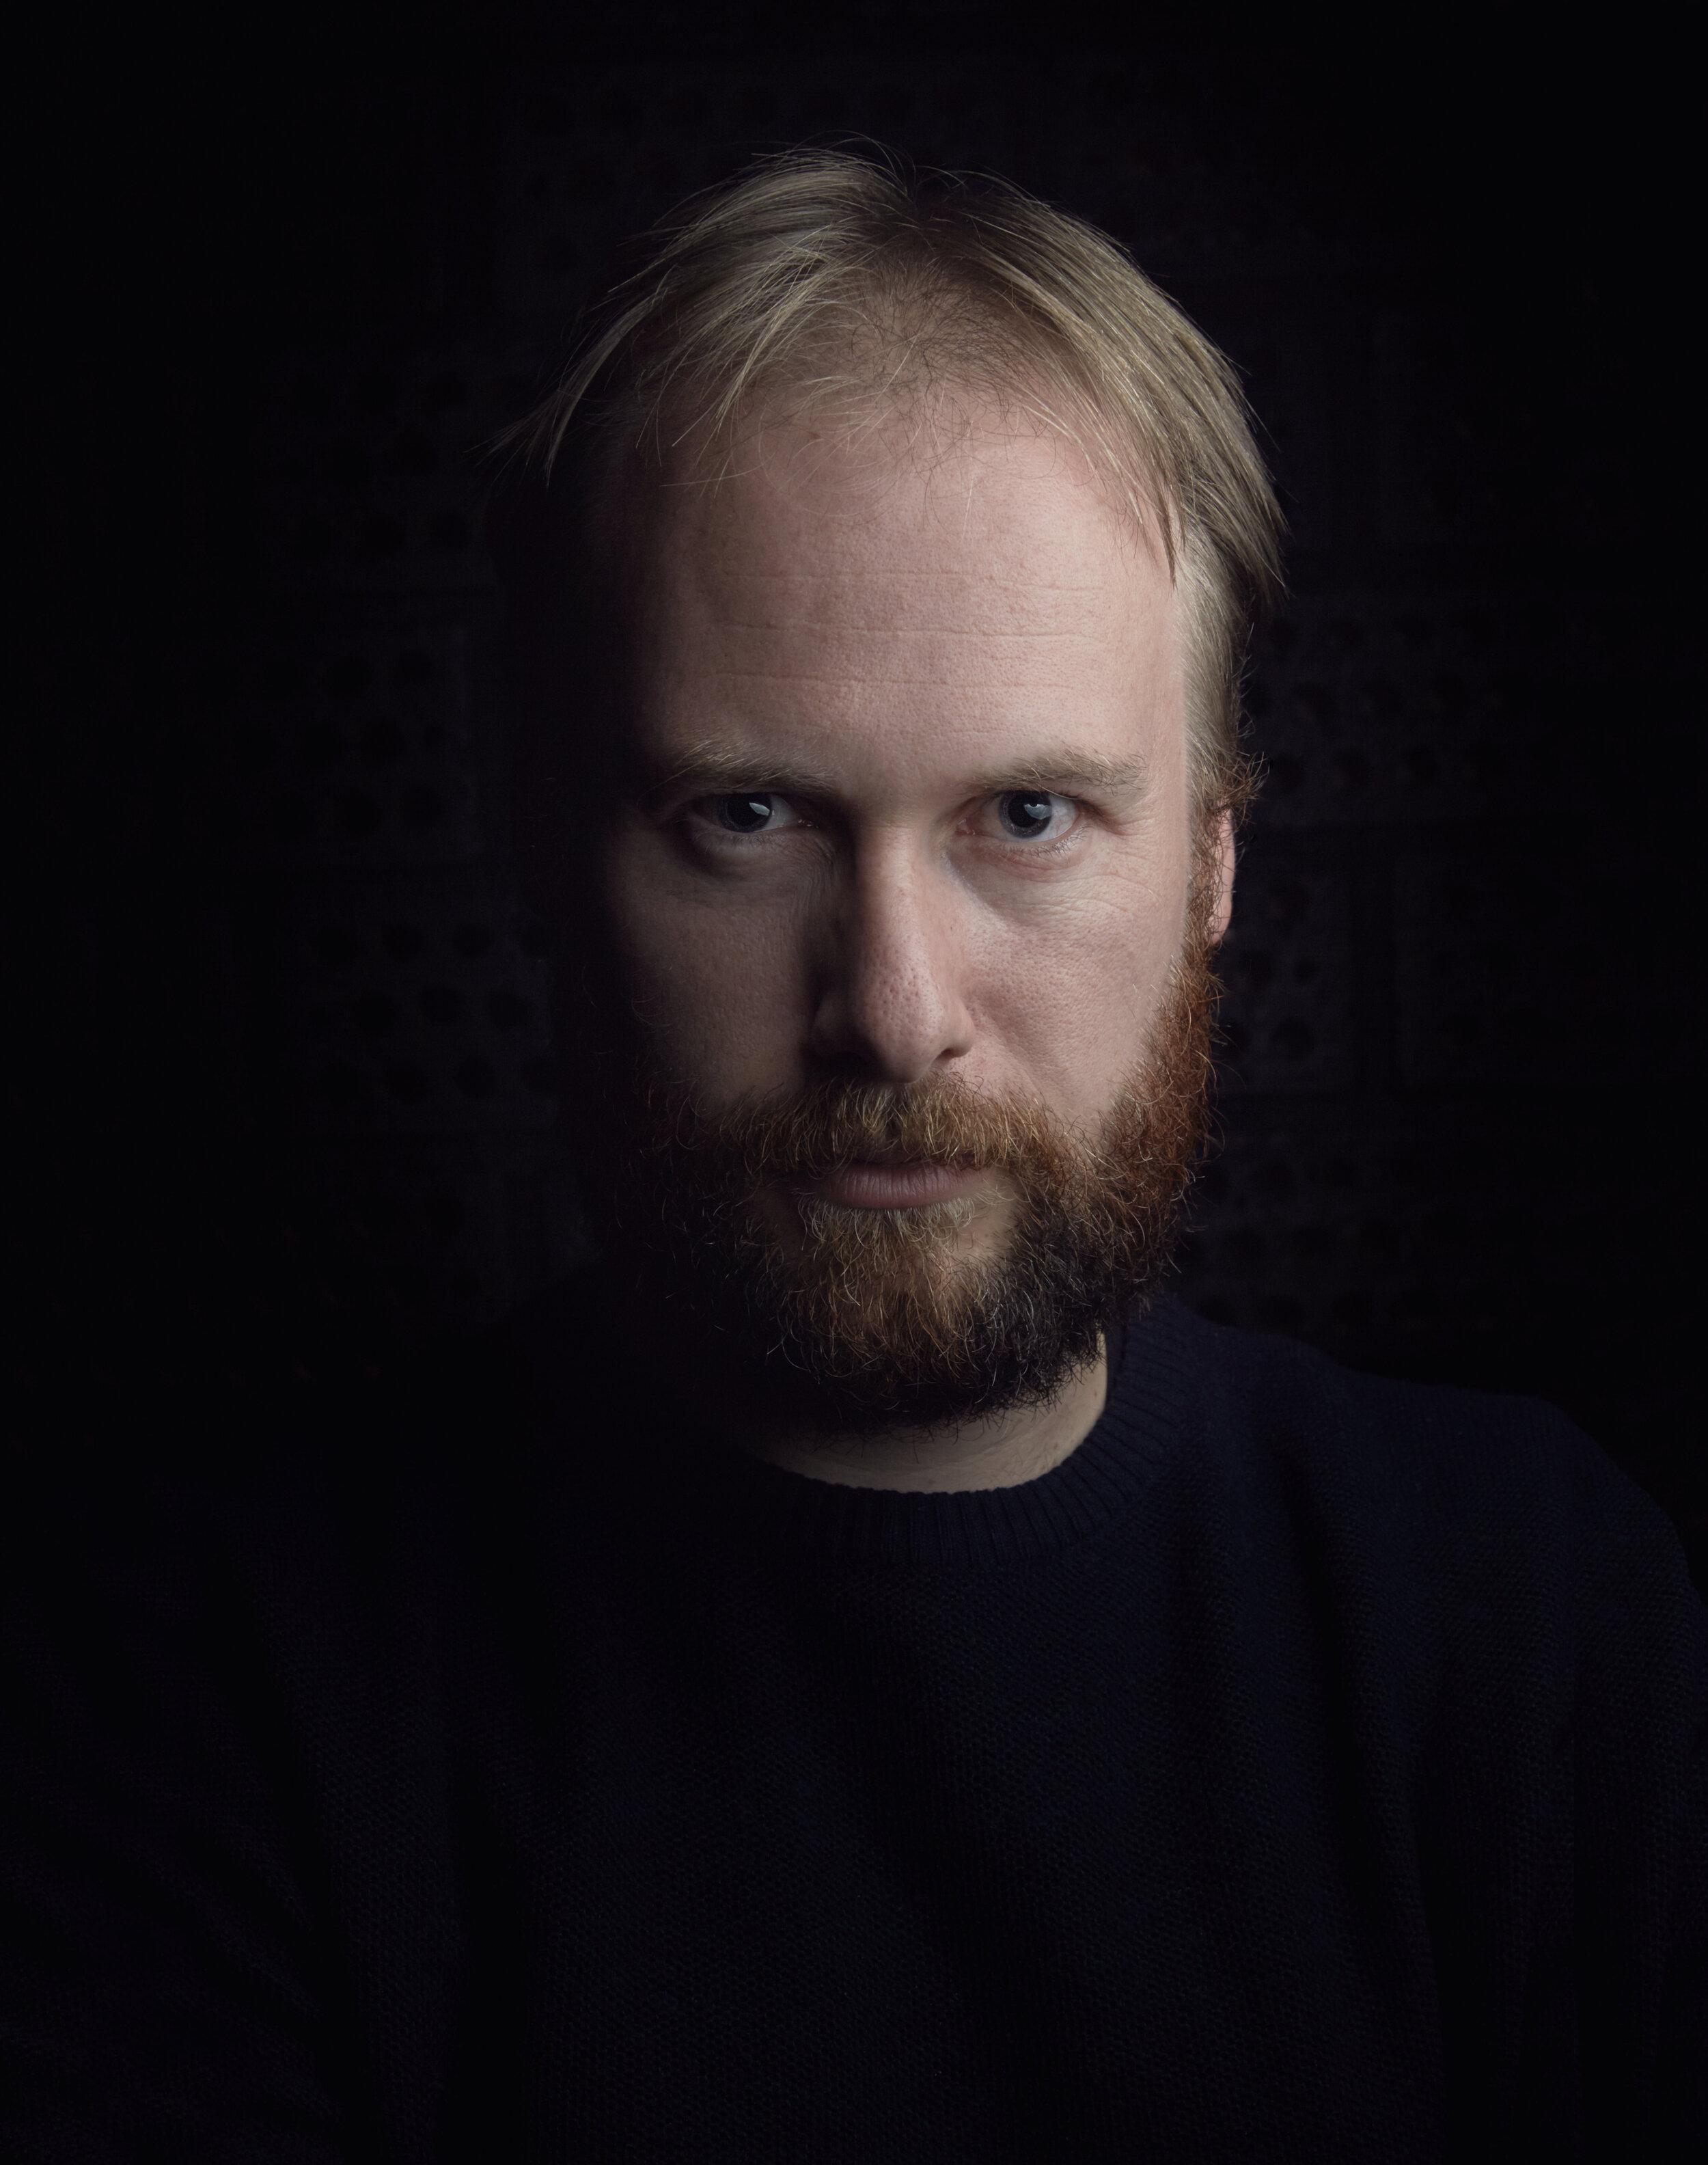 Fredrik Akselsen, film director